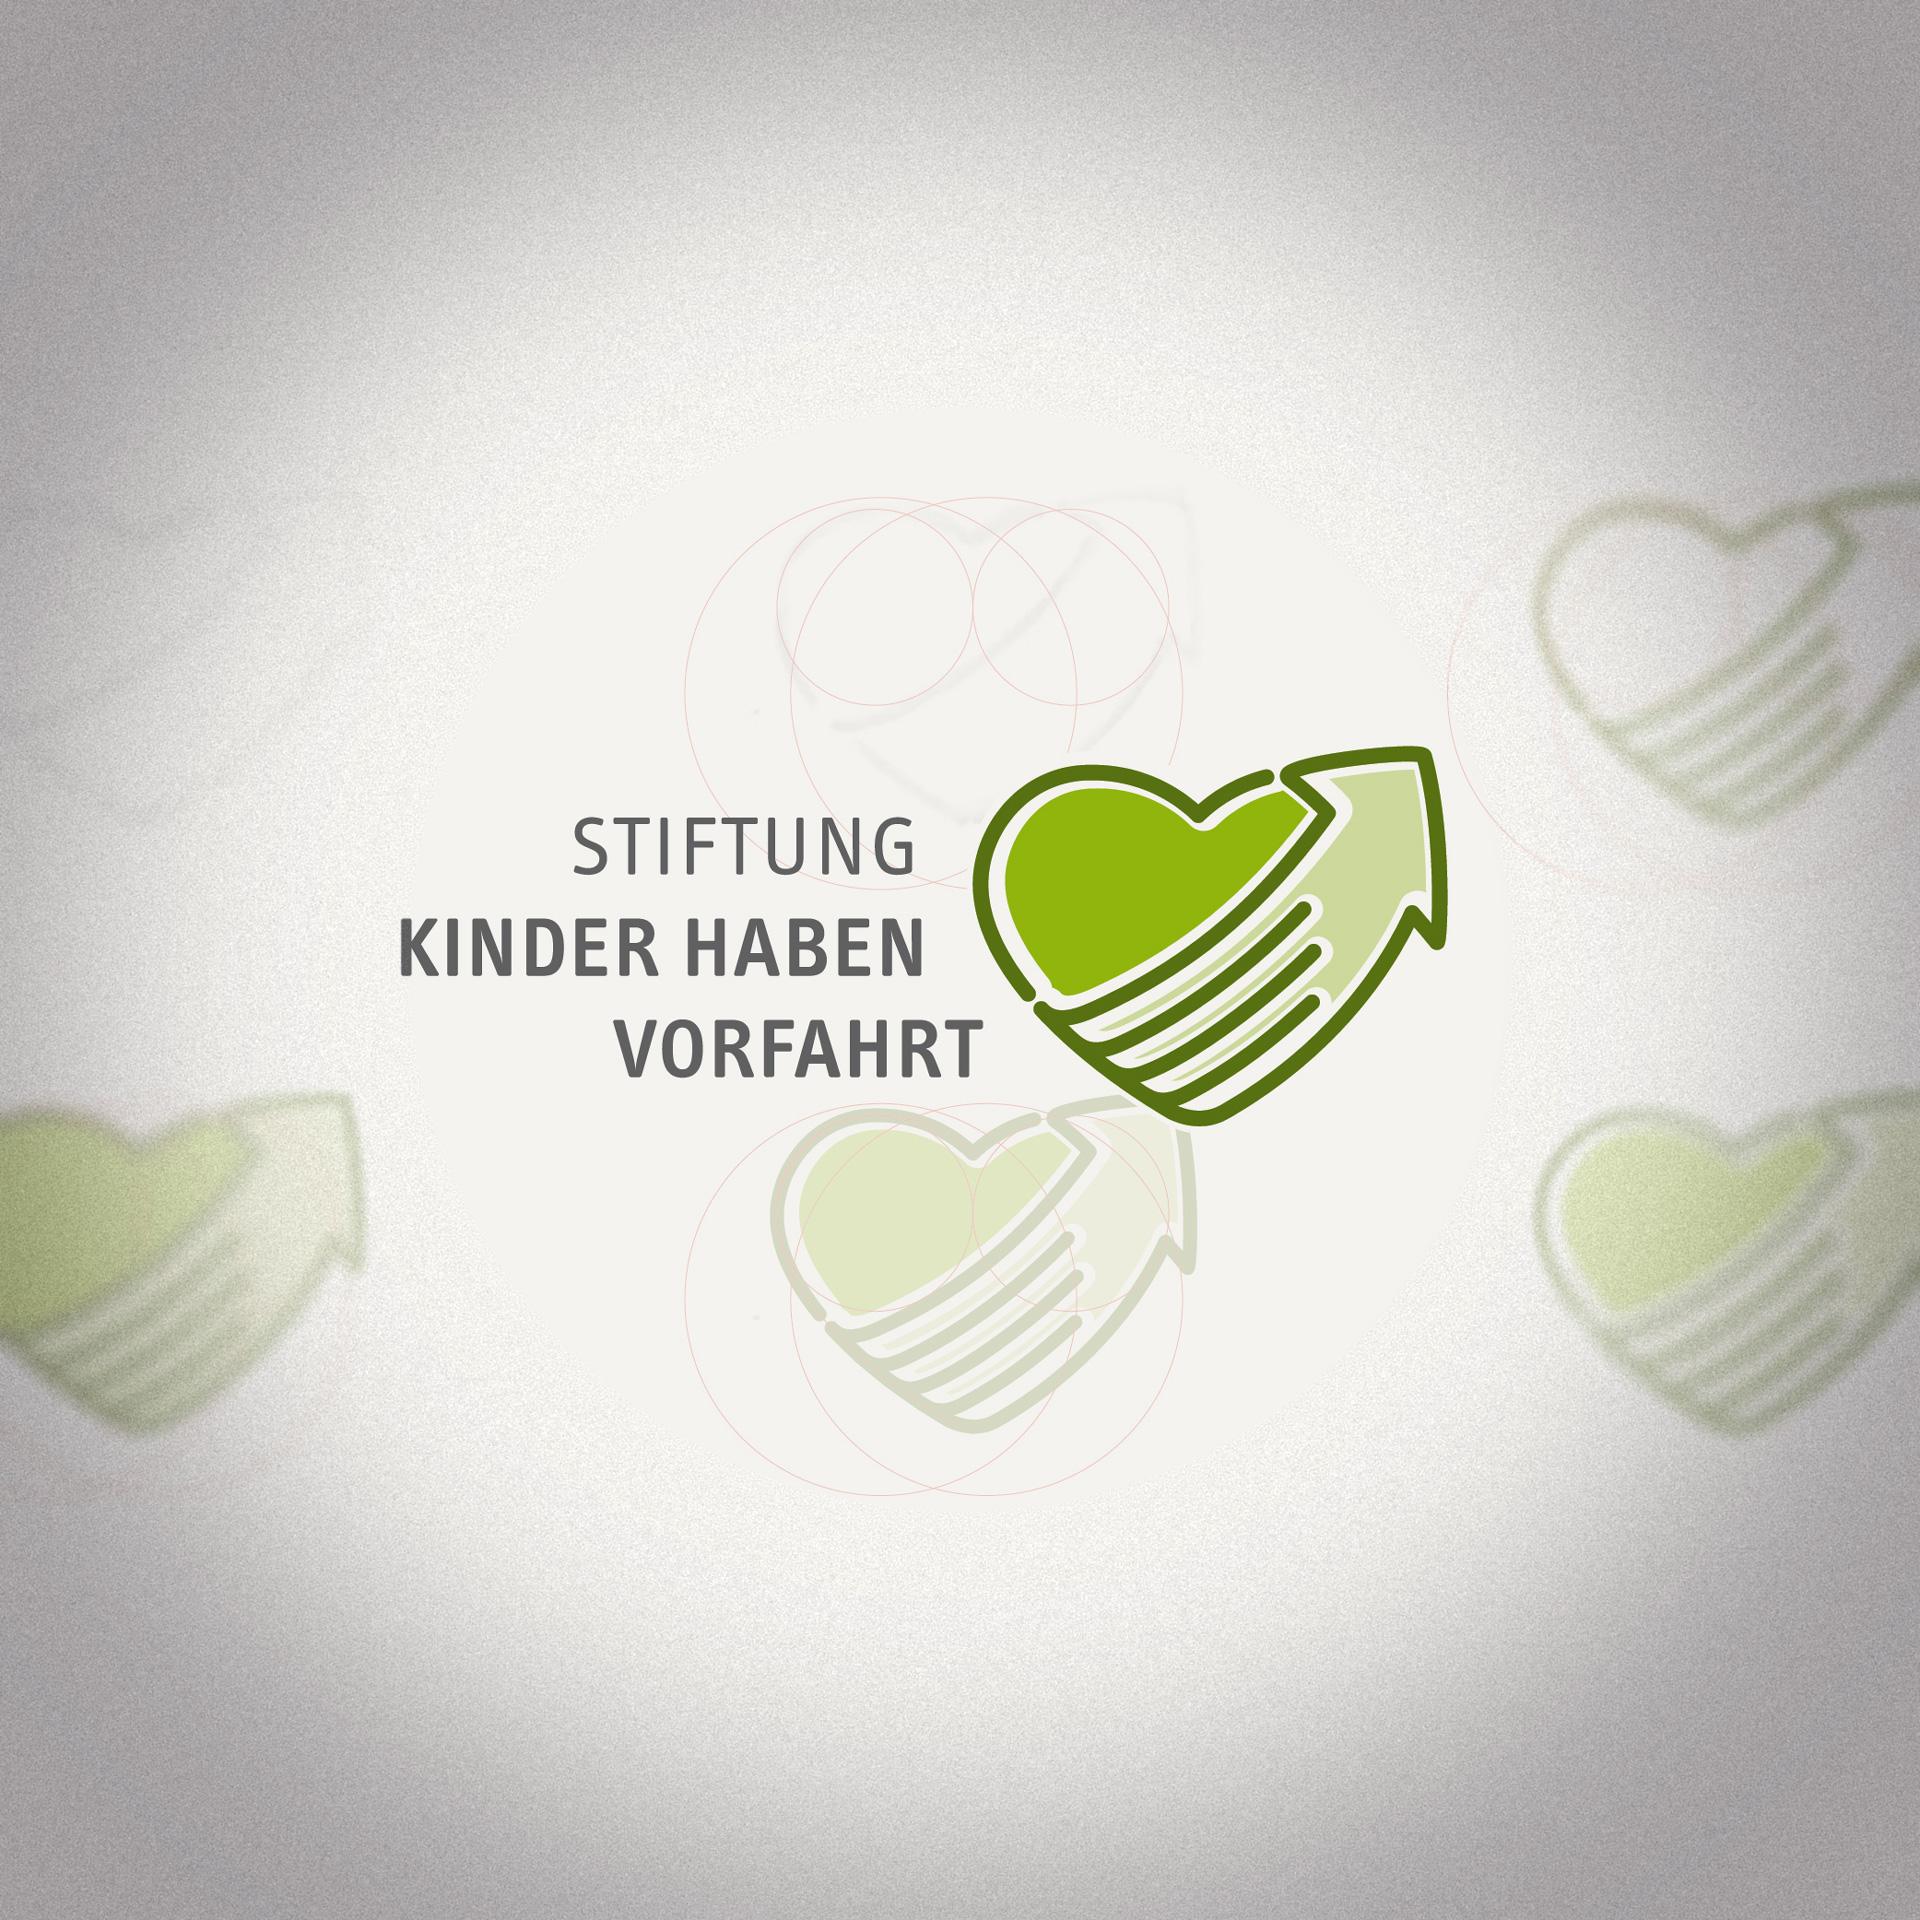 Wort-Bildmarke »Stiftung Kinder haben Vorfahrt«